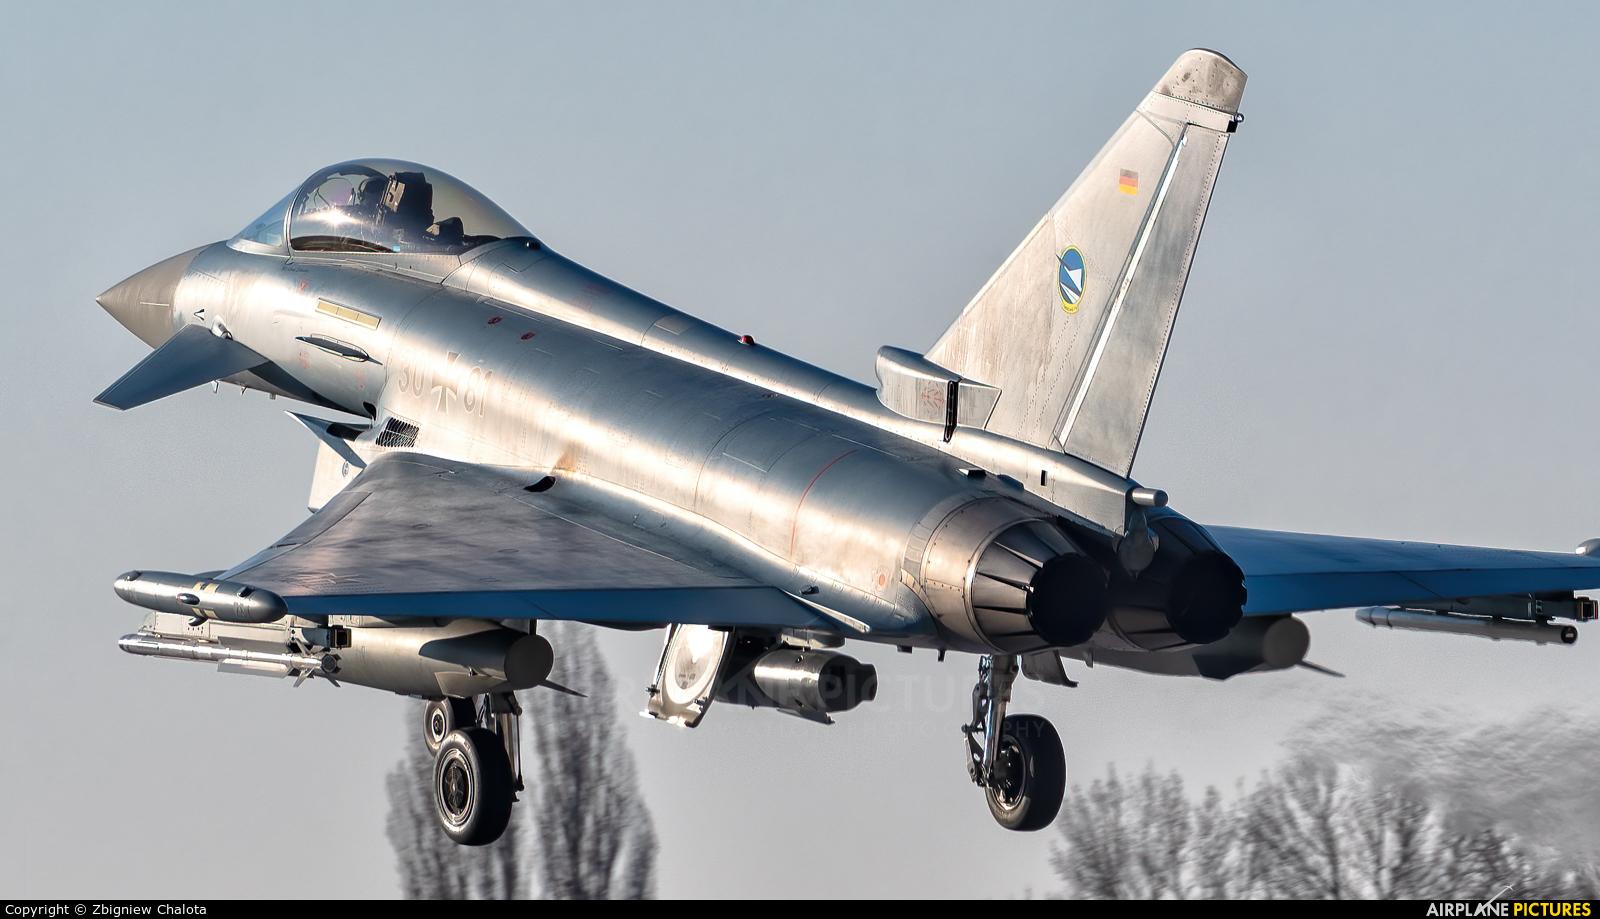 Germany - Air Force 30+81 aircraft at Neuburg - Zell